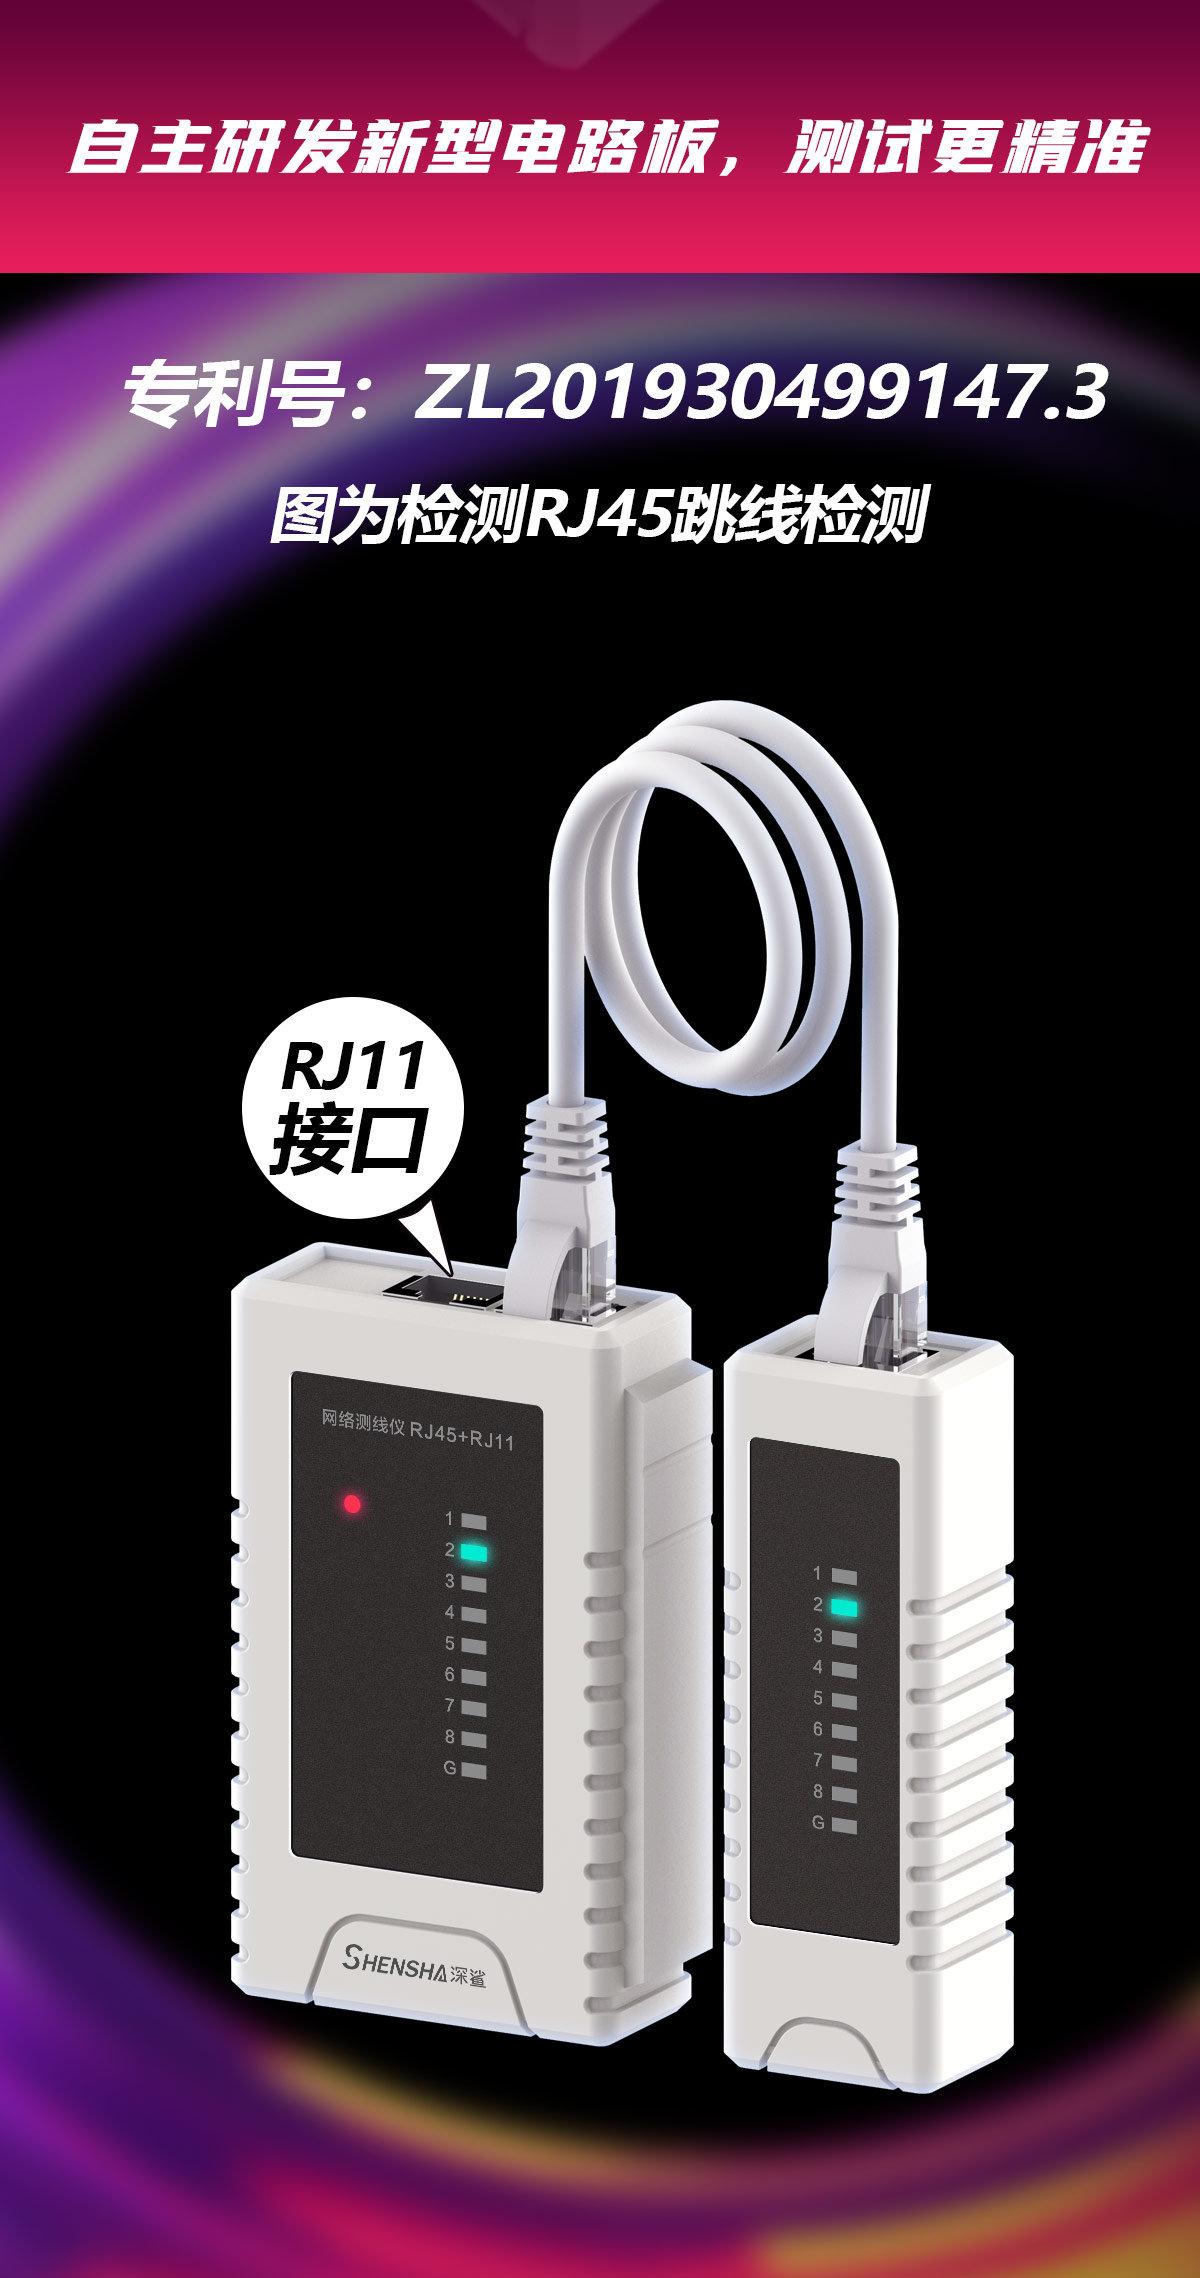 自主研发新型电路板,测试更精准,专利号:ZL201930499147.3 图为检测RJ45跳线